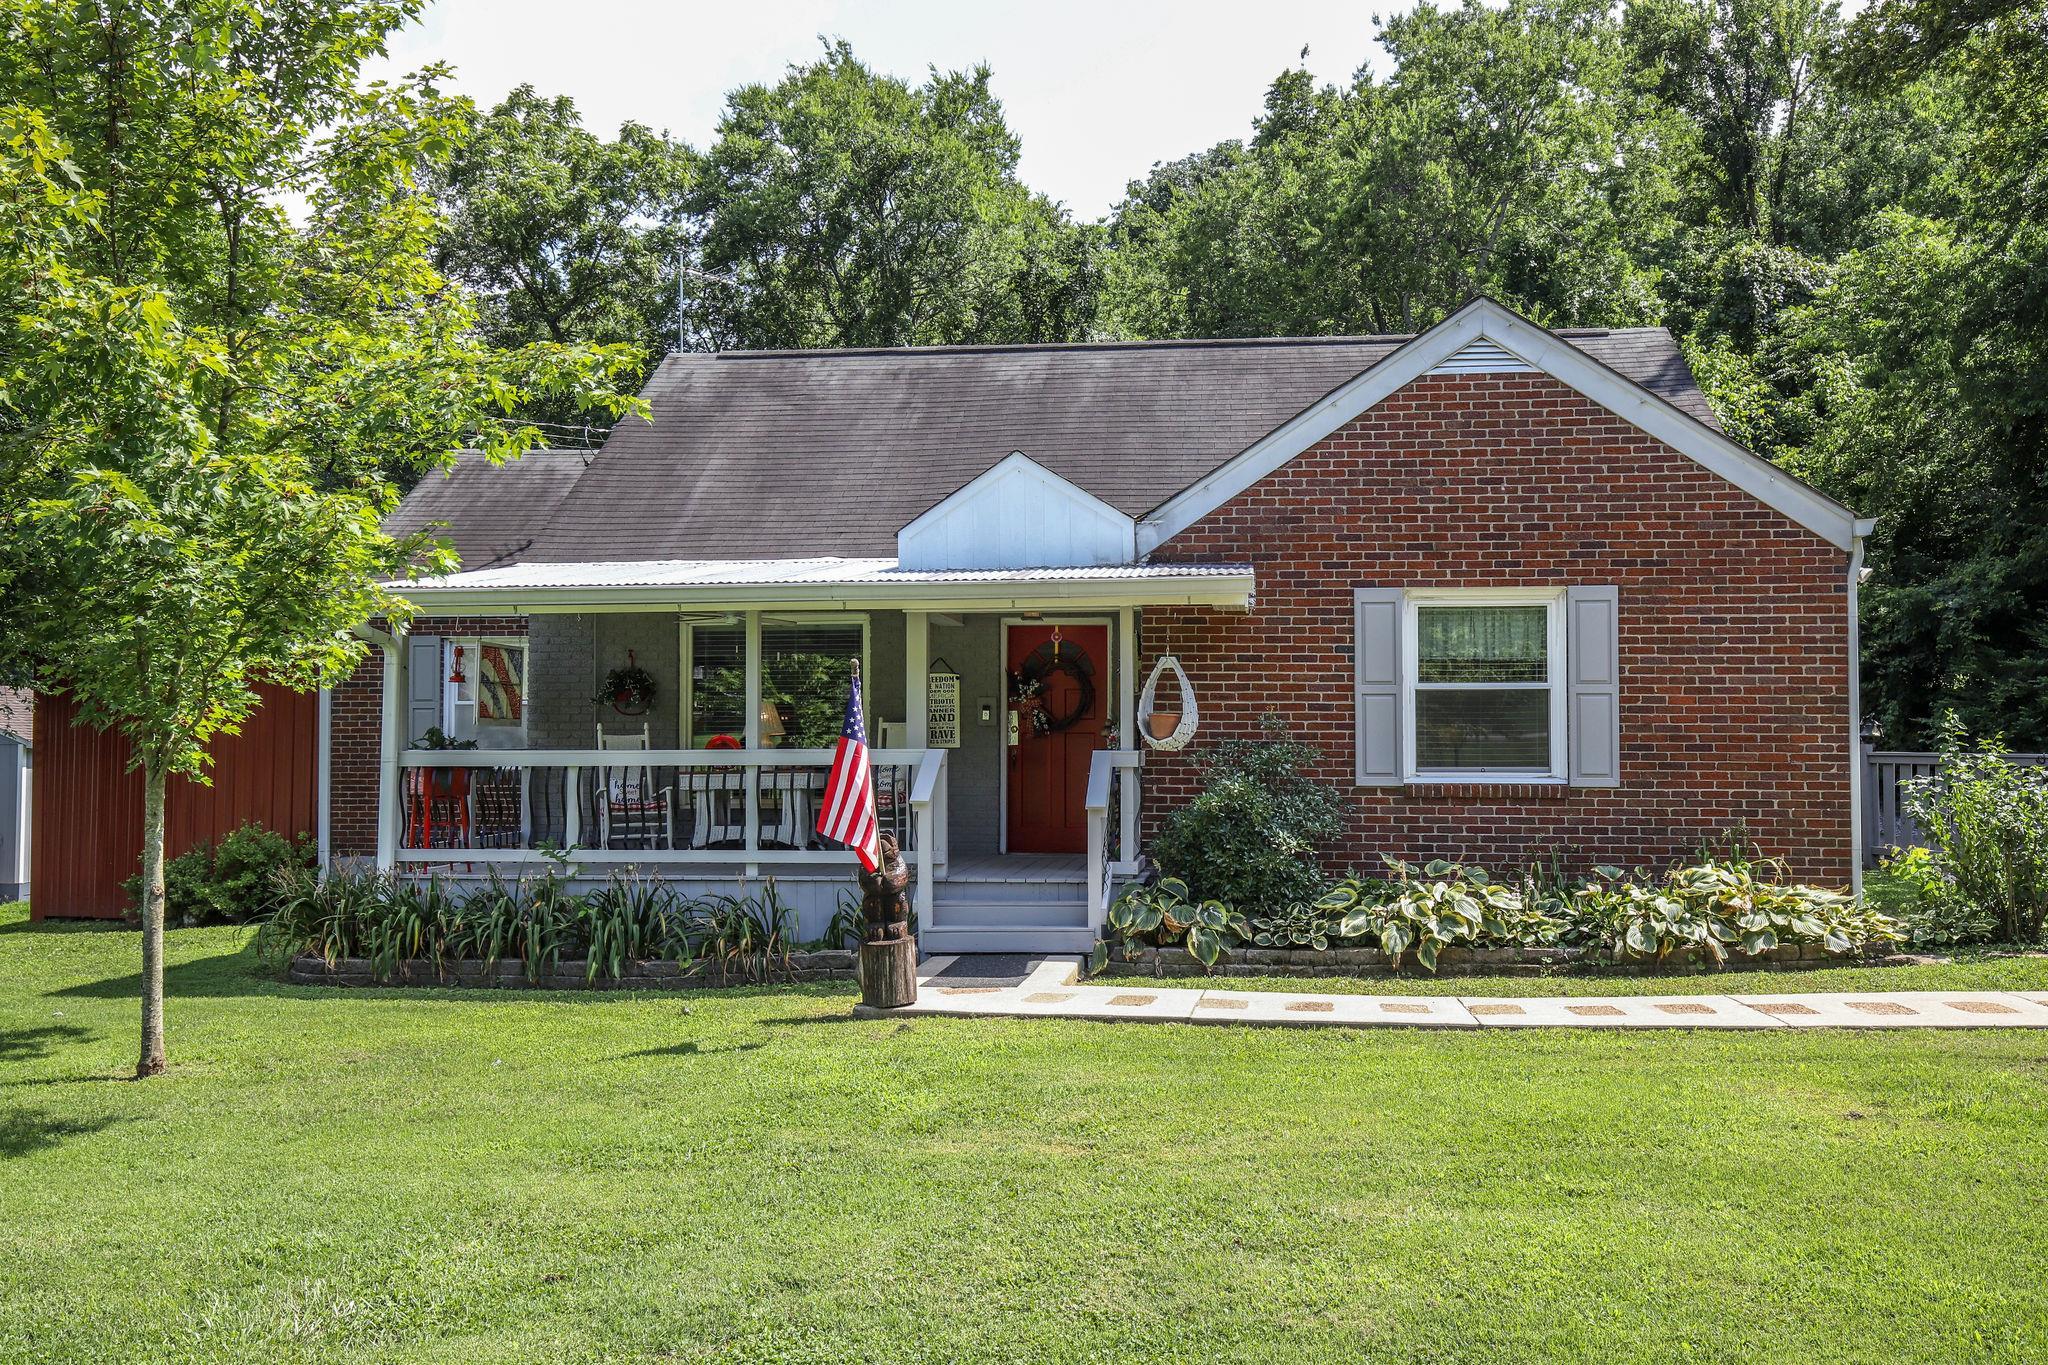 405 Moss Trl, Goodlettsville, TN 37072 - Goodlettsville, TN real estate listing